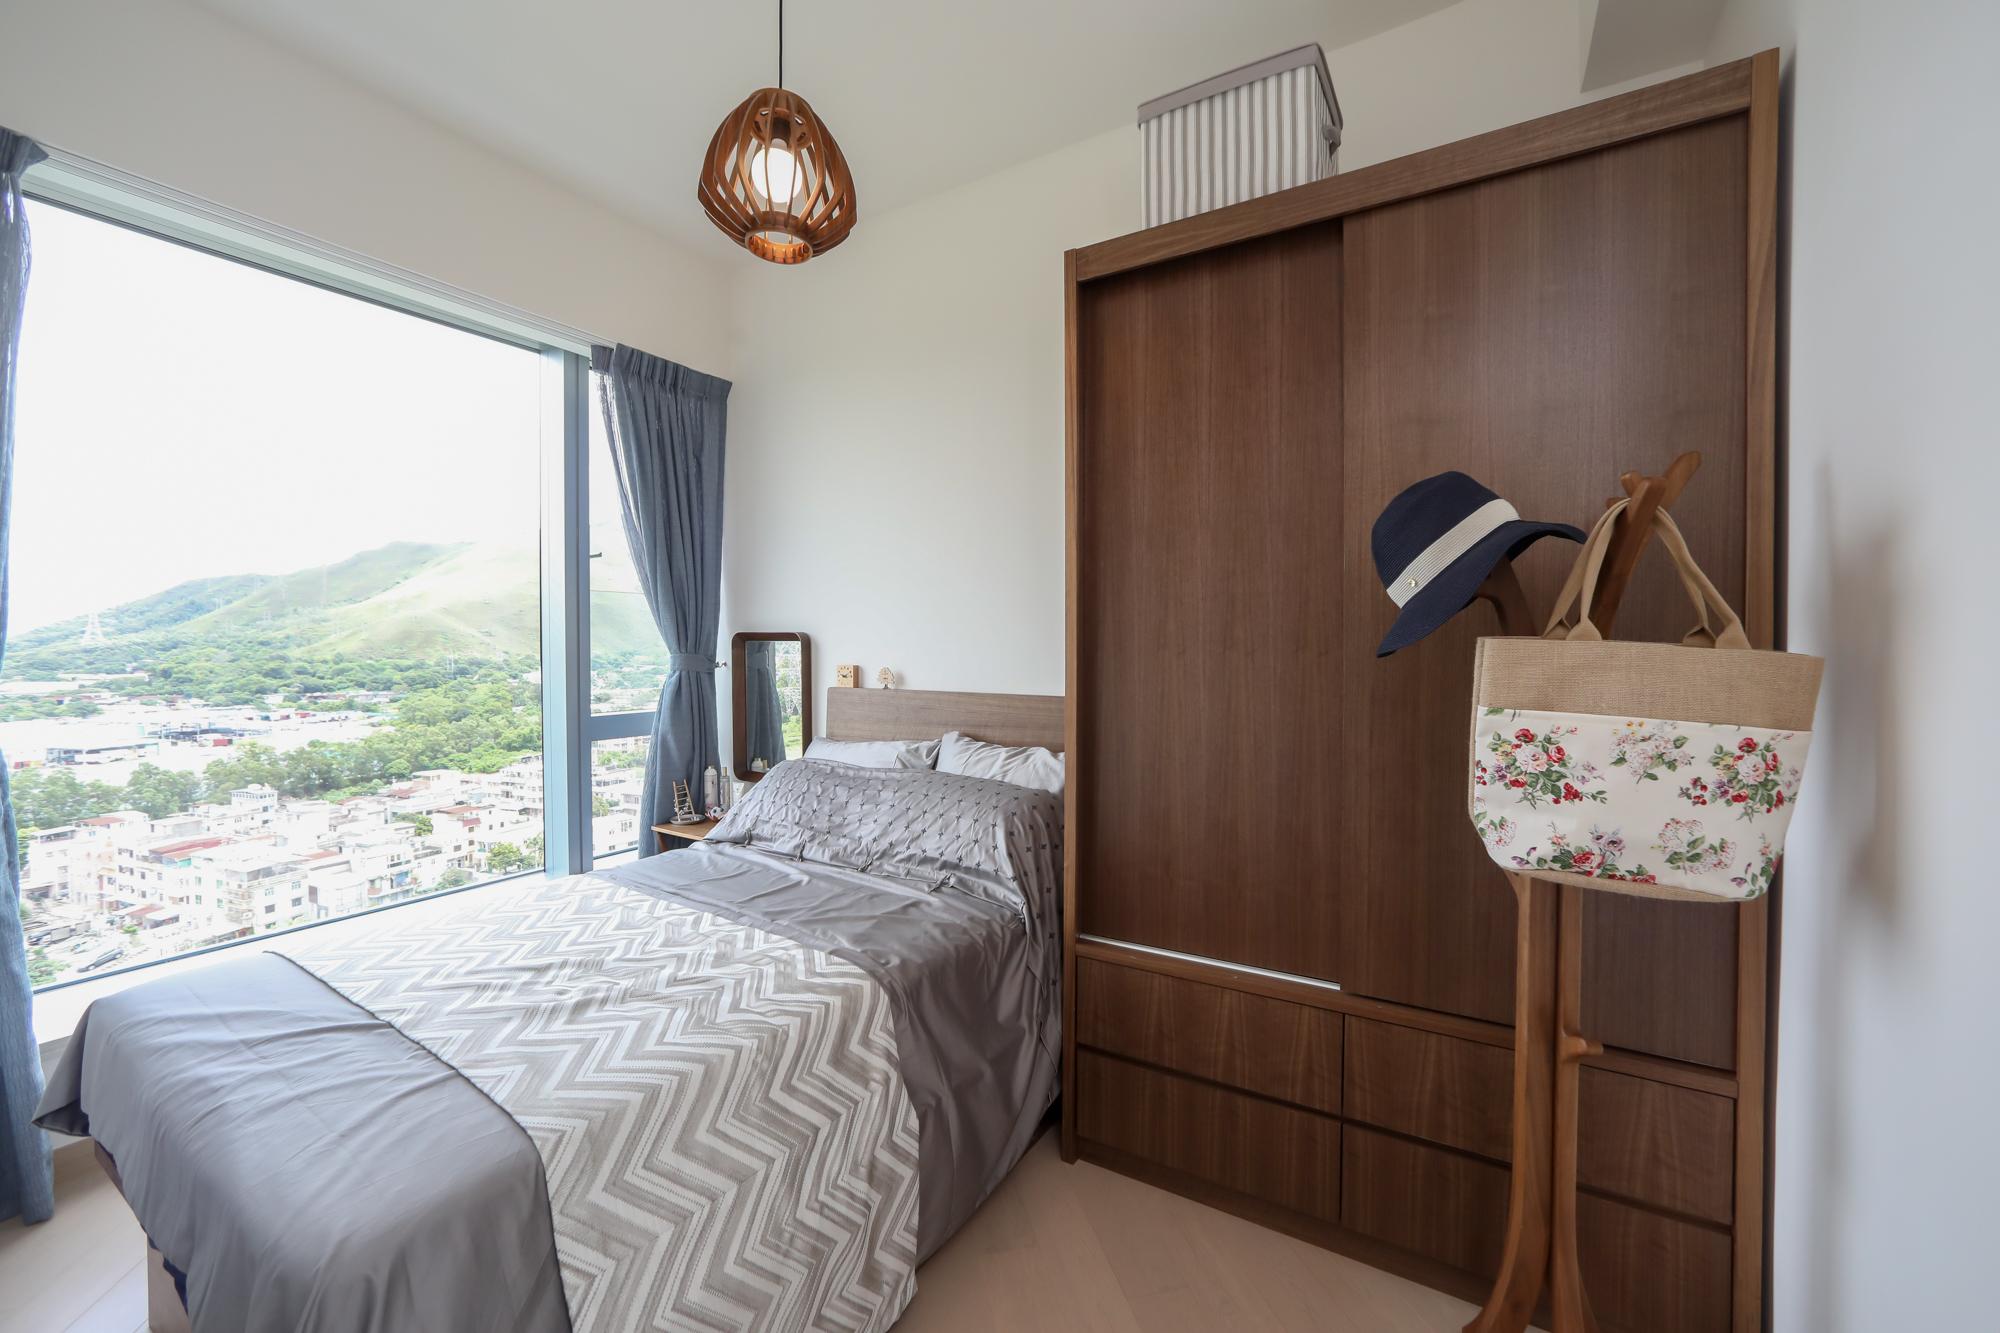 主人睡房靠窗位置擺放一張雙人床配以灰銀色絲質被單,三邊落床的設計開揚大方。